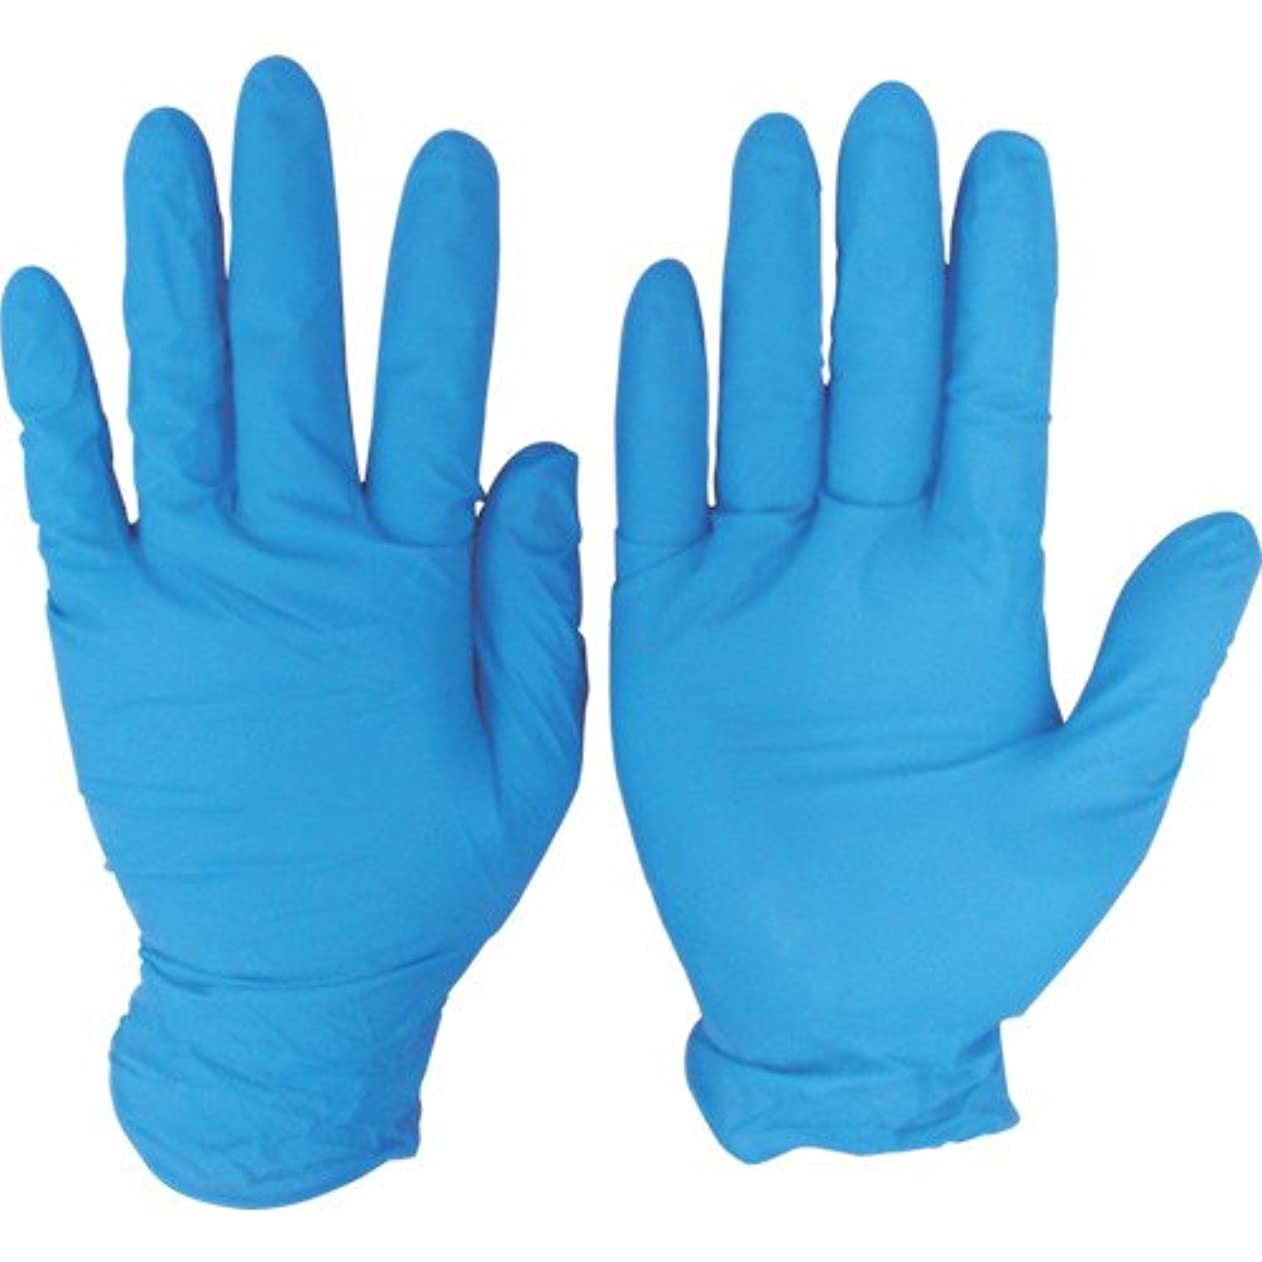 資本主義刺します分析シンガー ニトリルディスポグローブ(手袋) No.810 ブルー パウダーフリー(100枚) M